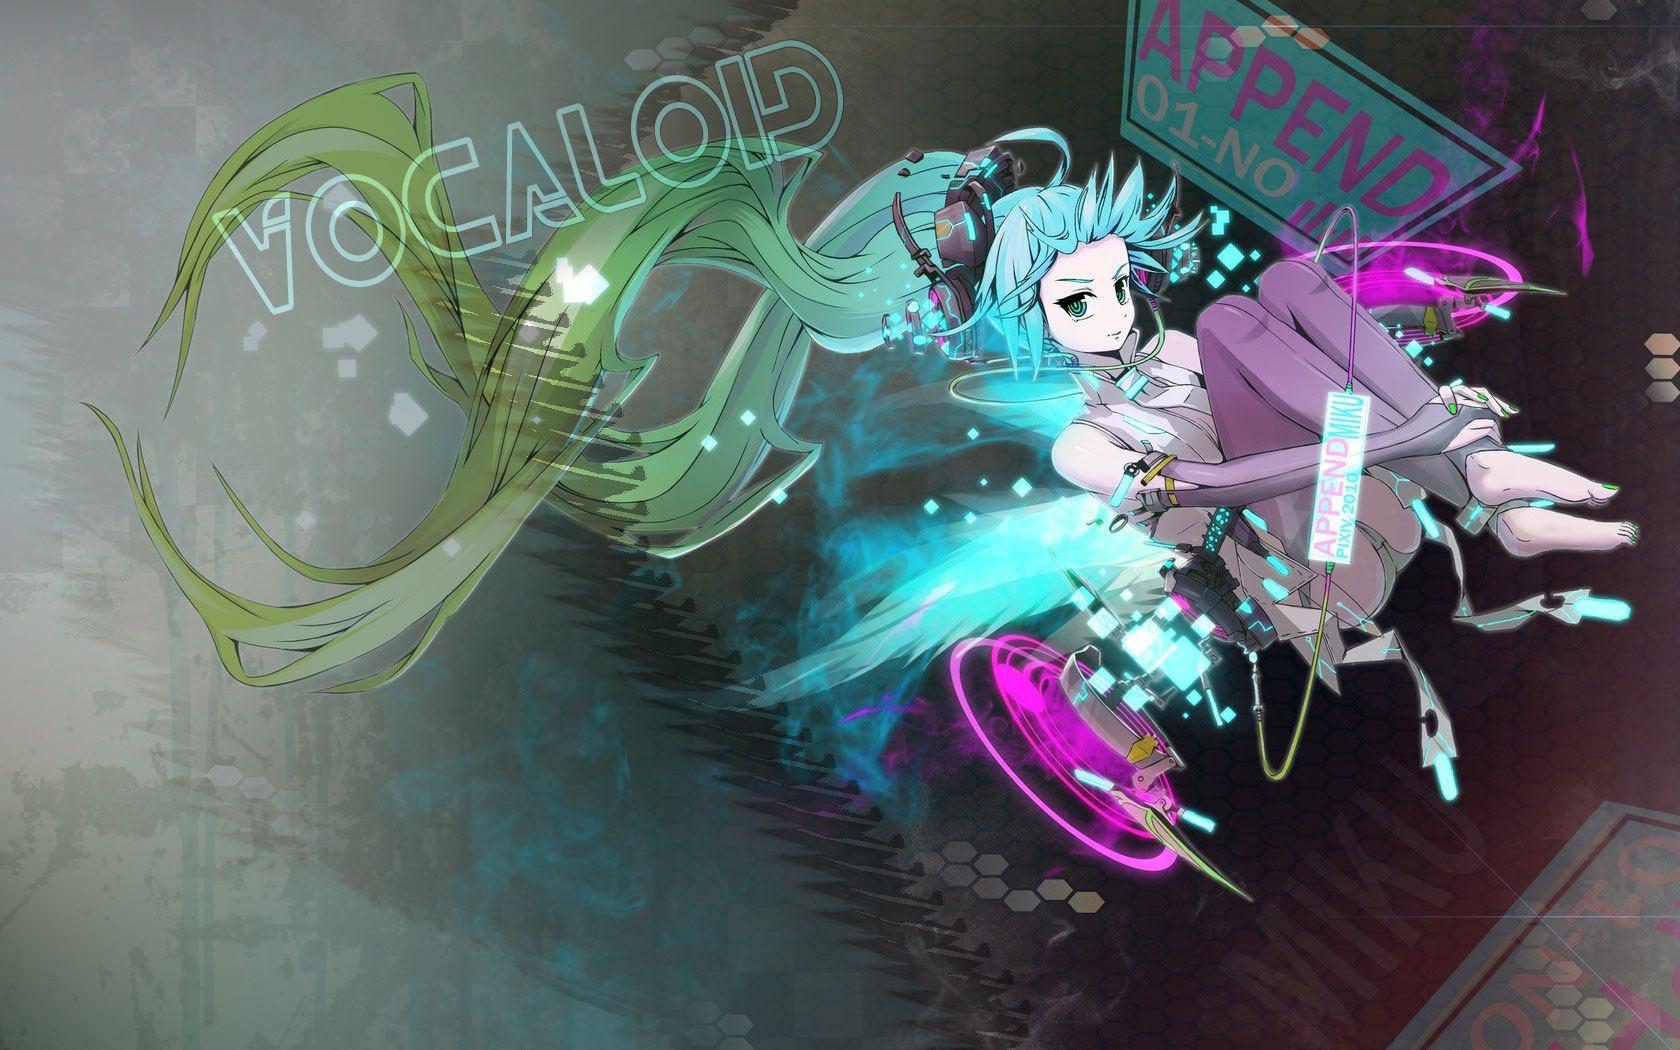 Download Miku Hatsune Hatsune Miku Wallpaper 31988378